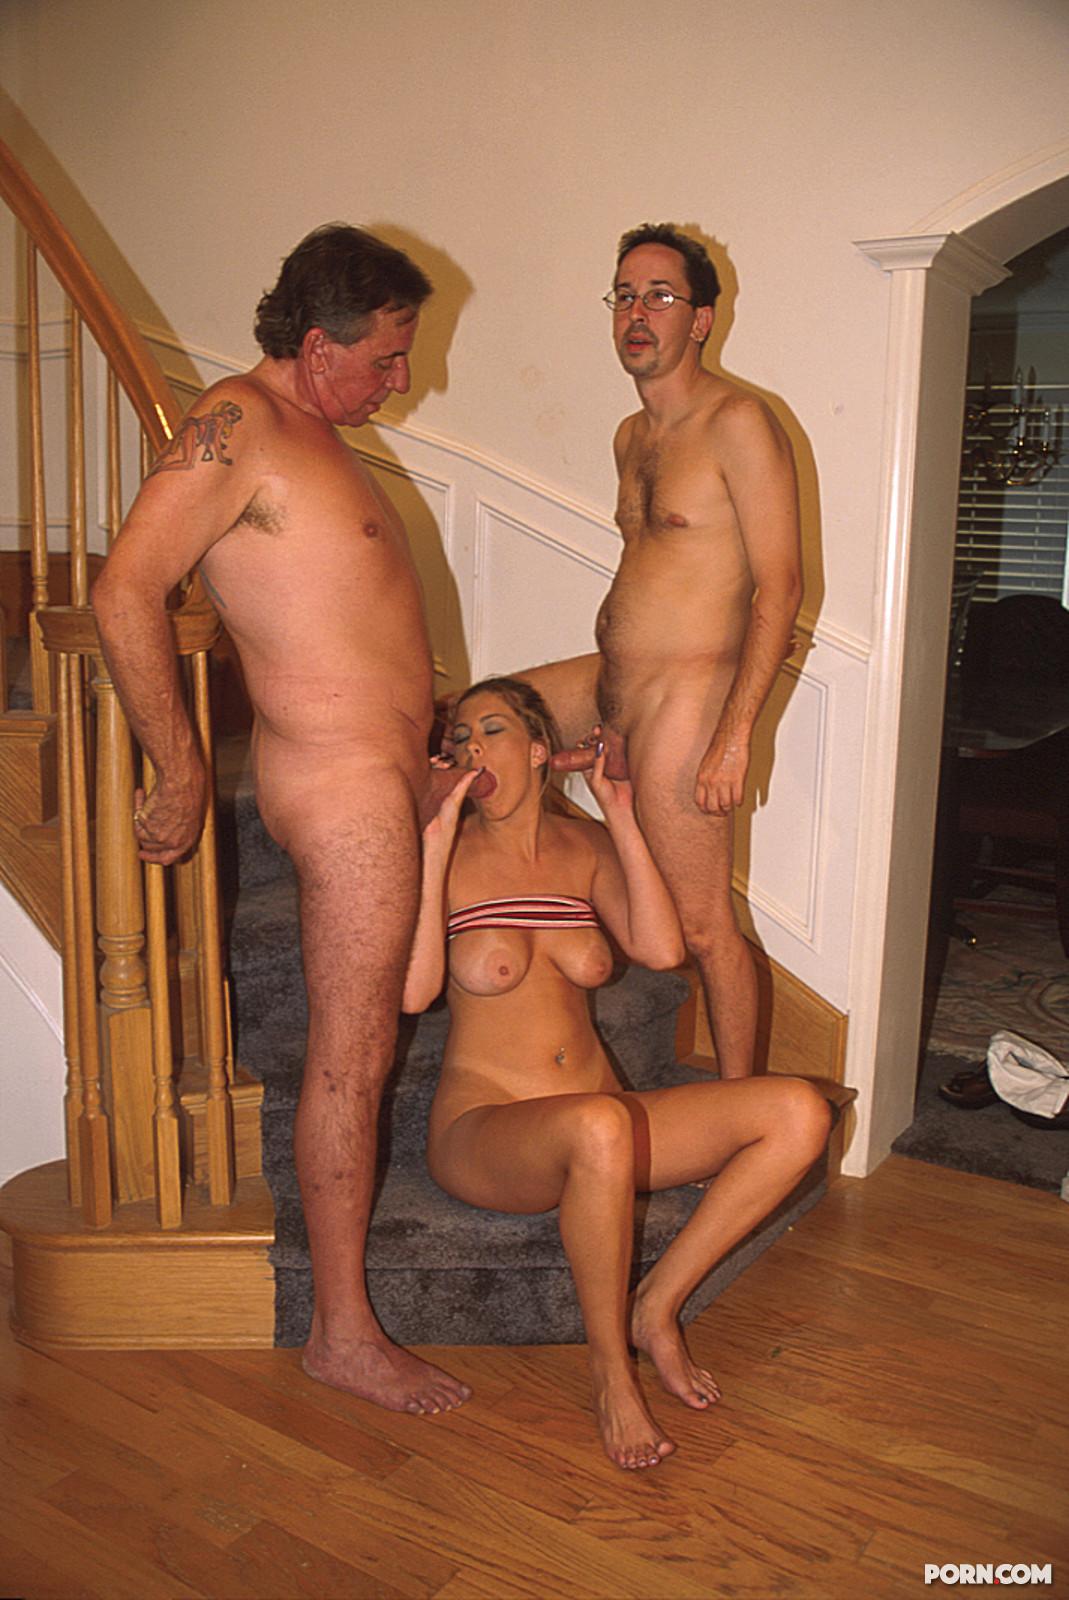 мысль Секс фото голых геев ваша мысль очень